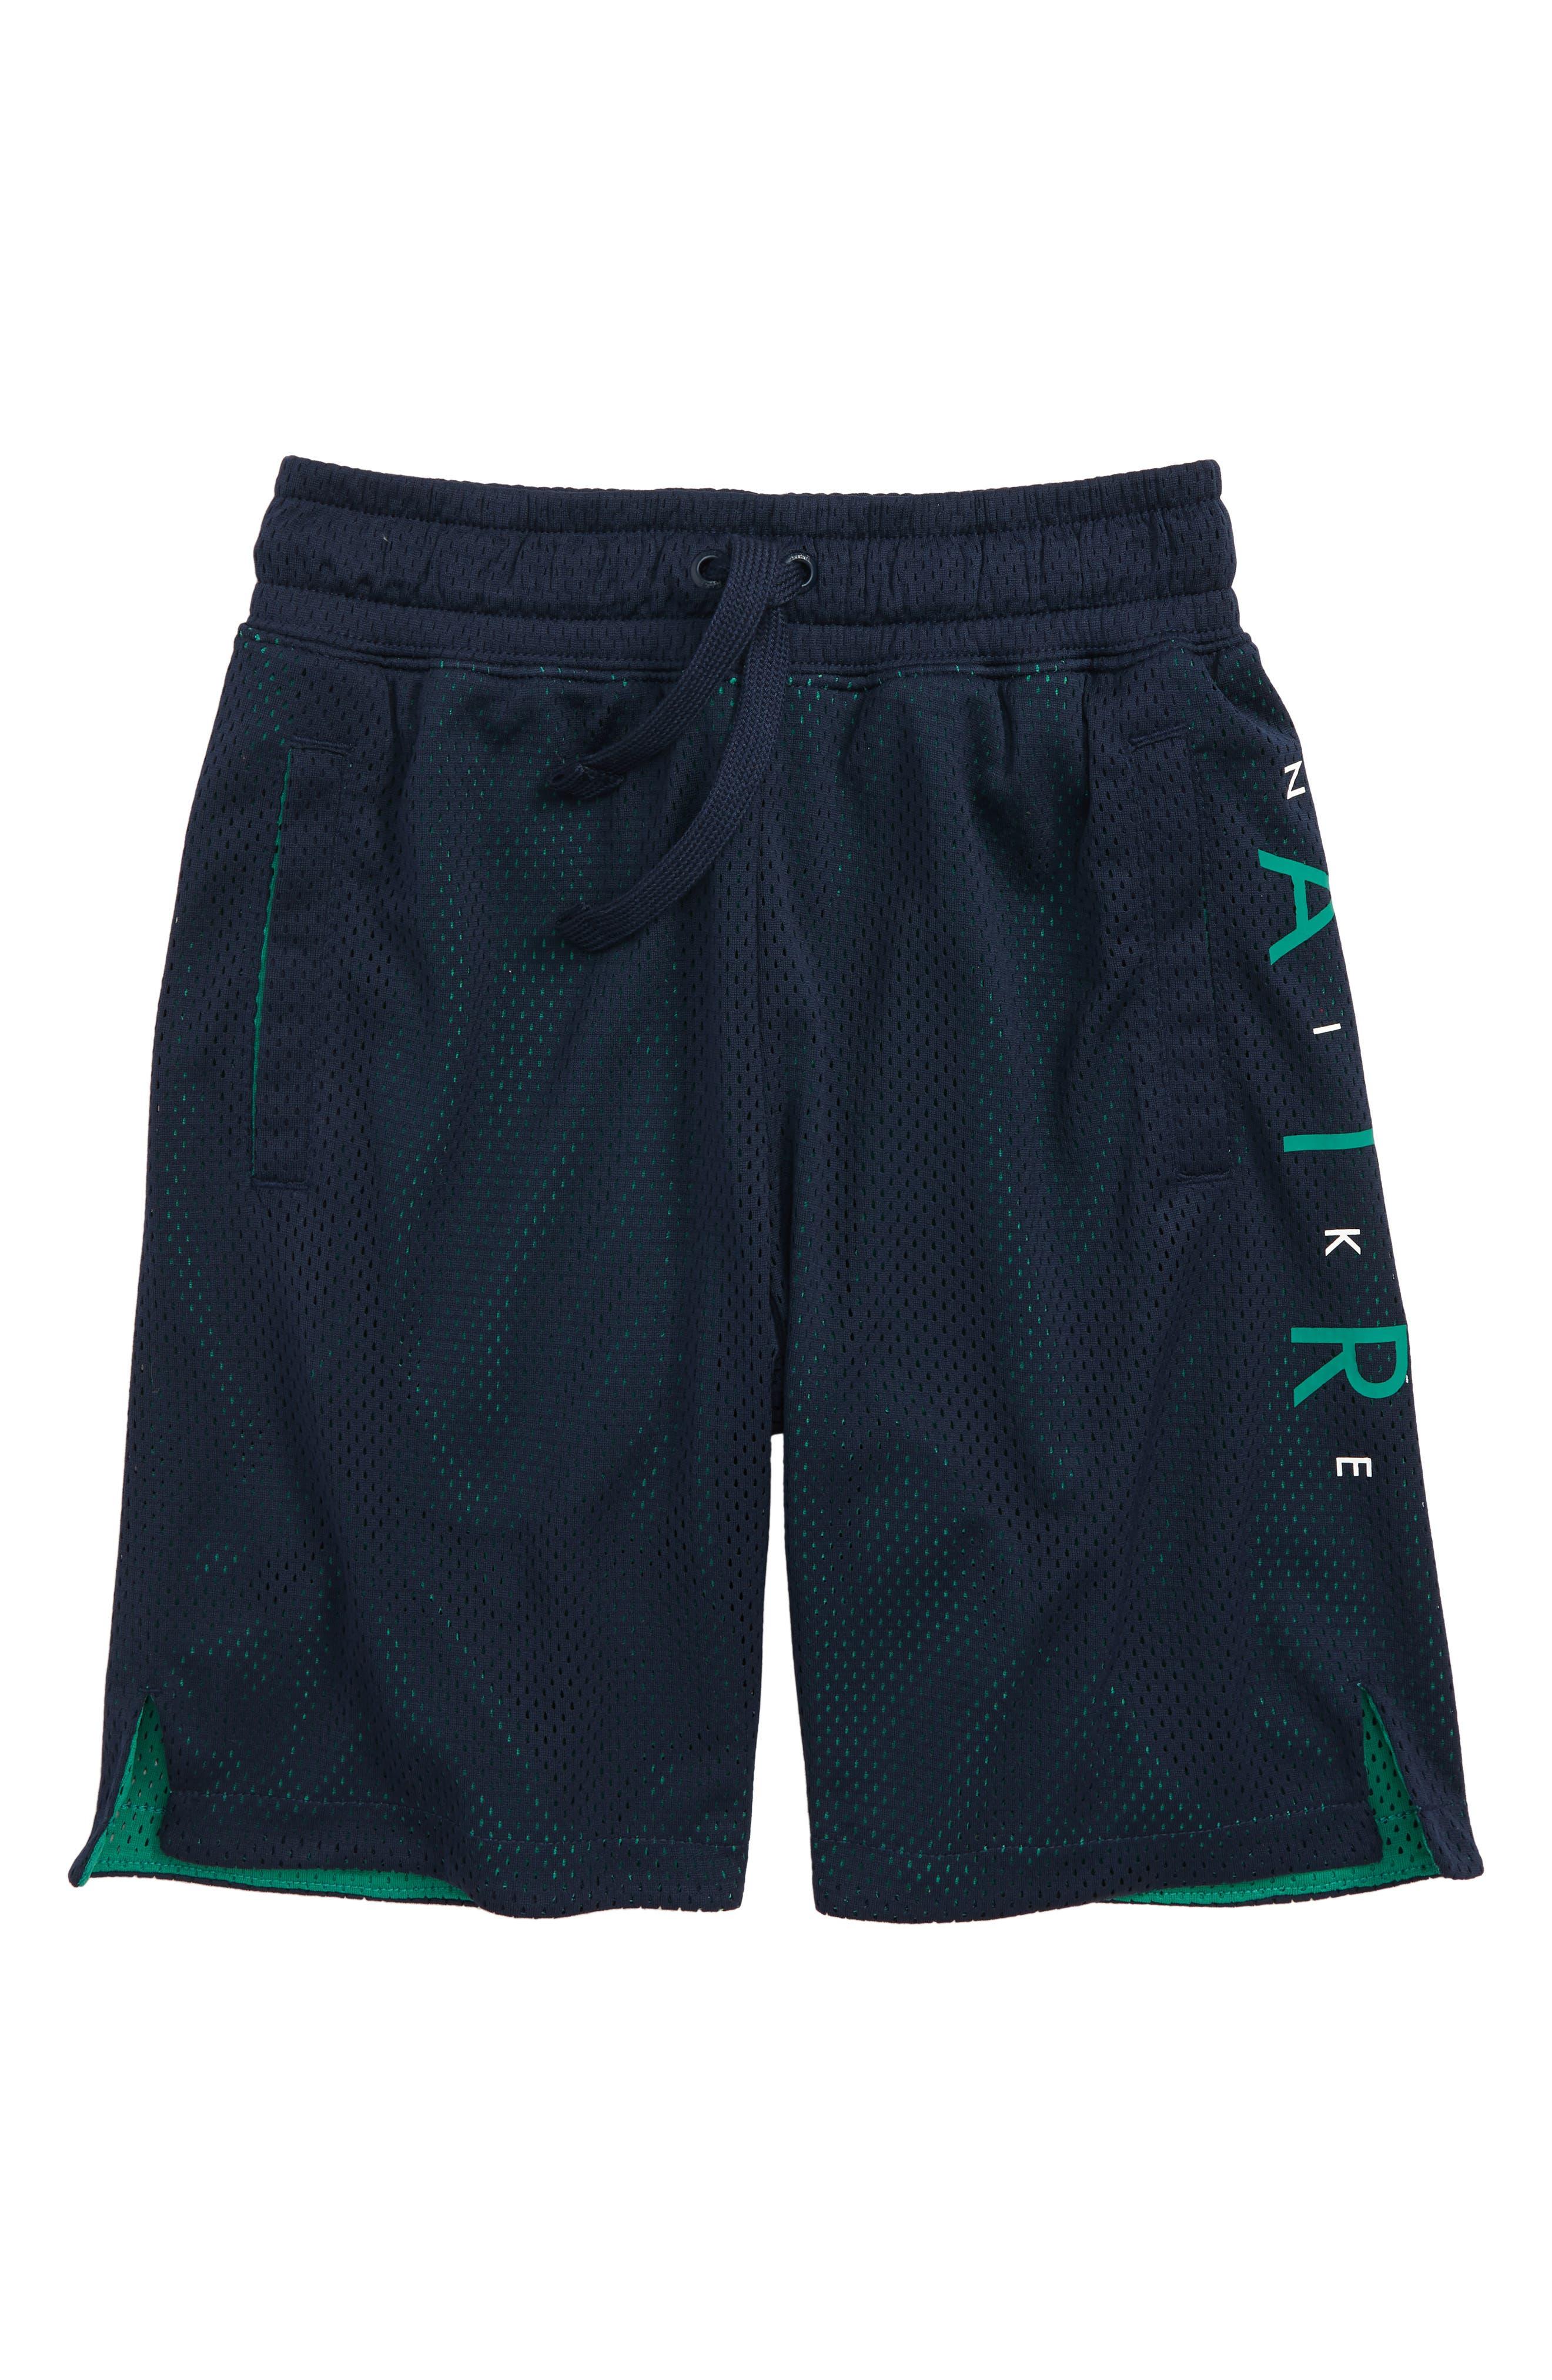 Sportswear Air Knit Shorts,                             Main thumbnail 3, color,